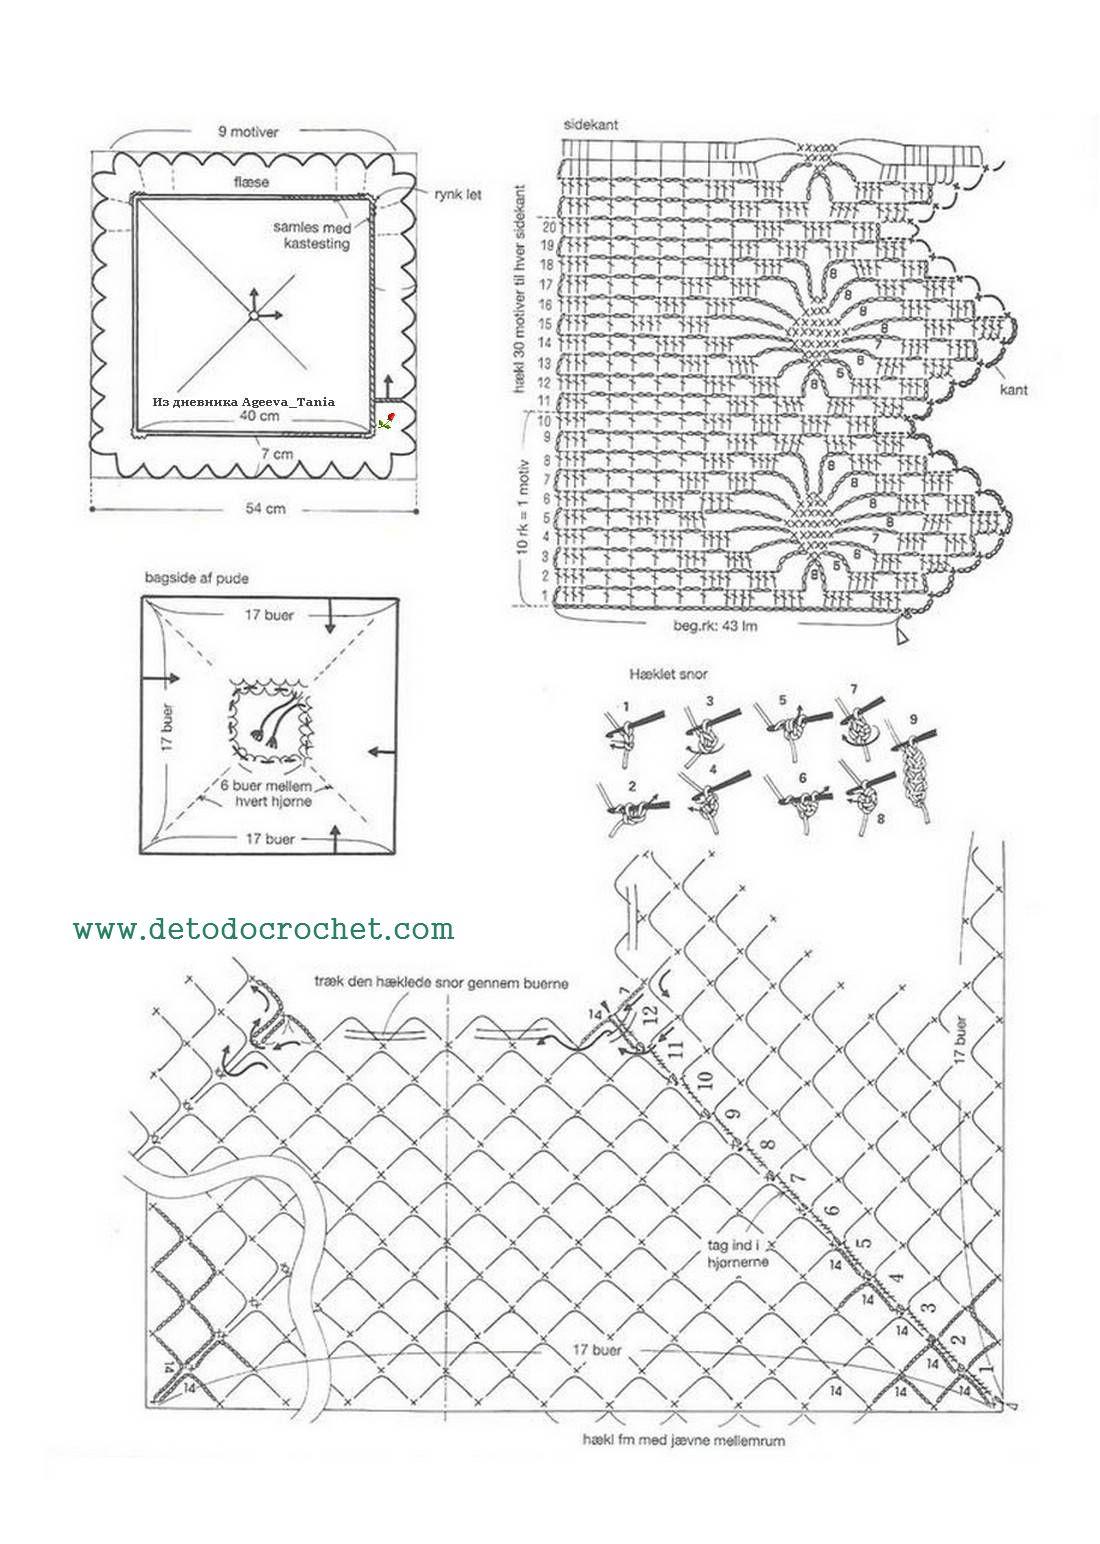 Todo crochet | daysi | Pinterest | Patrones de mantas, Manta y Patrones